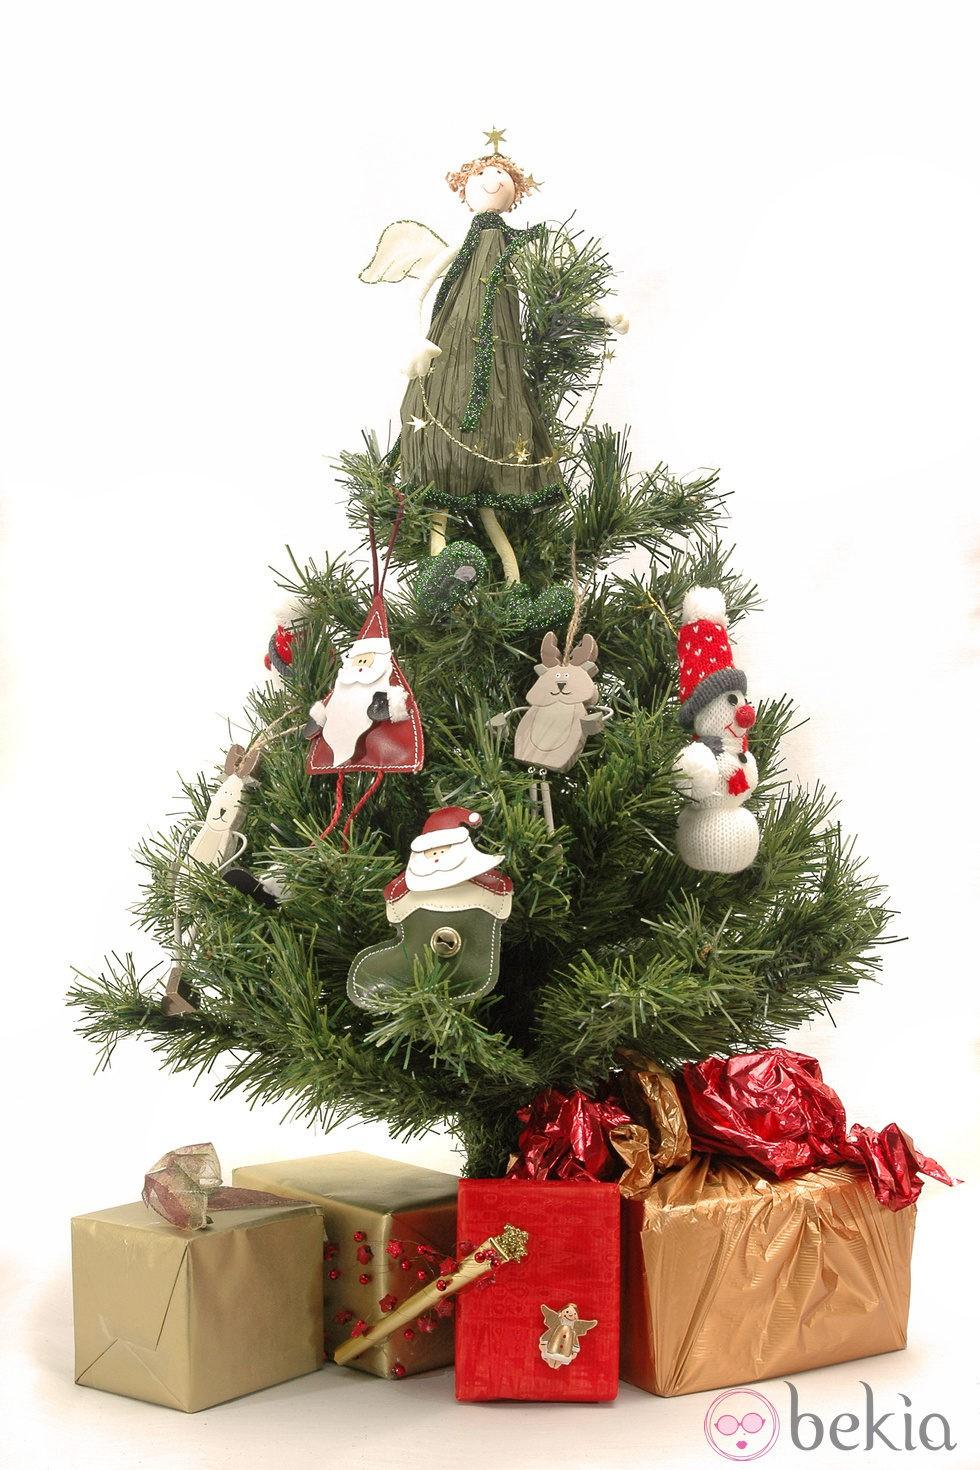 Decorar arbol de navidad imagui - Imagenes de arboles navidad decorados ...